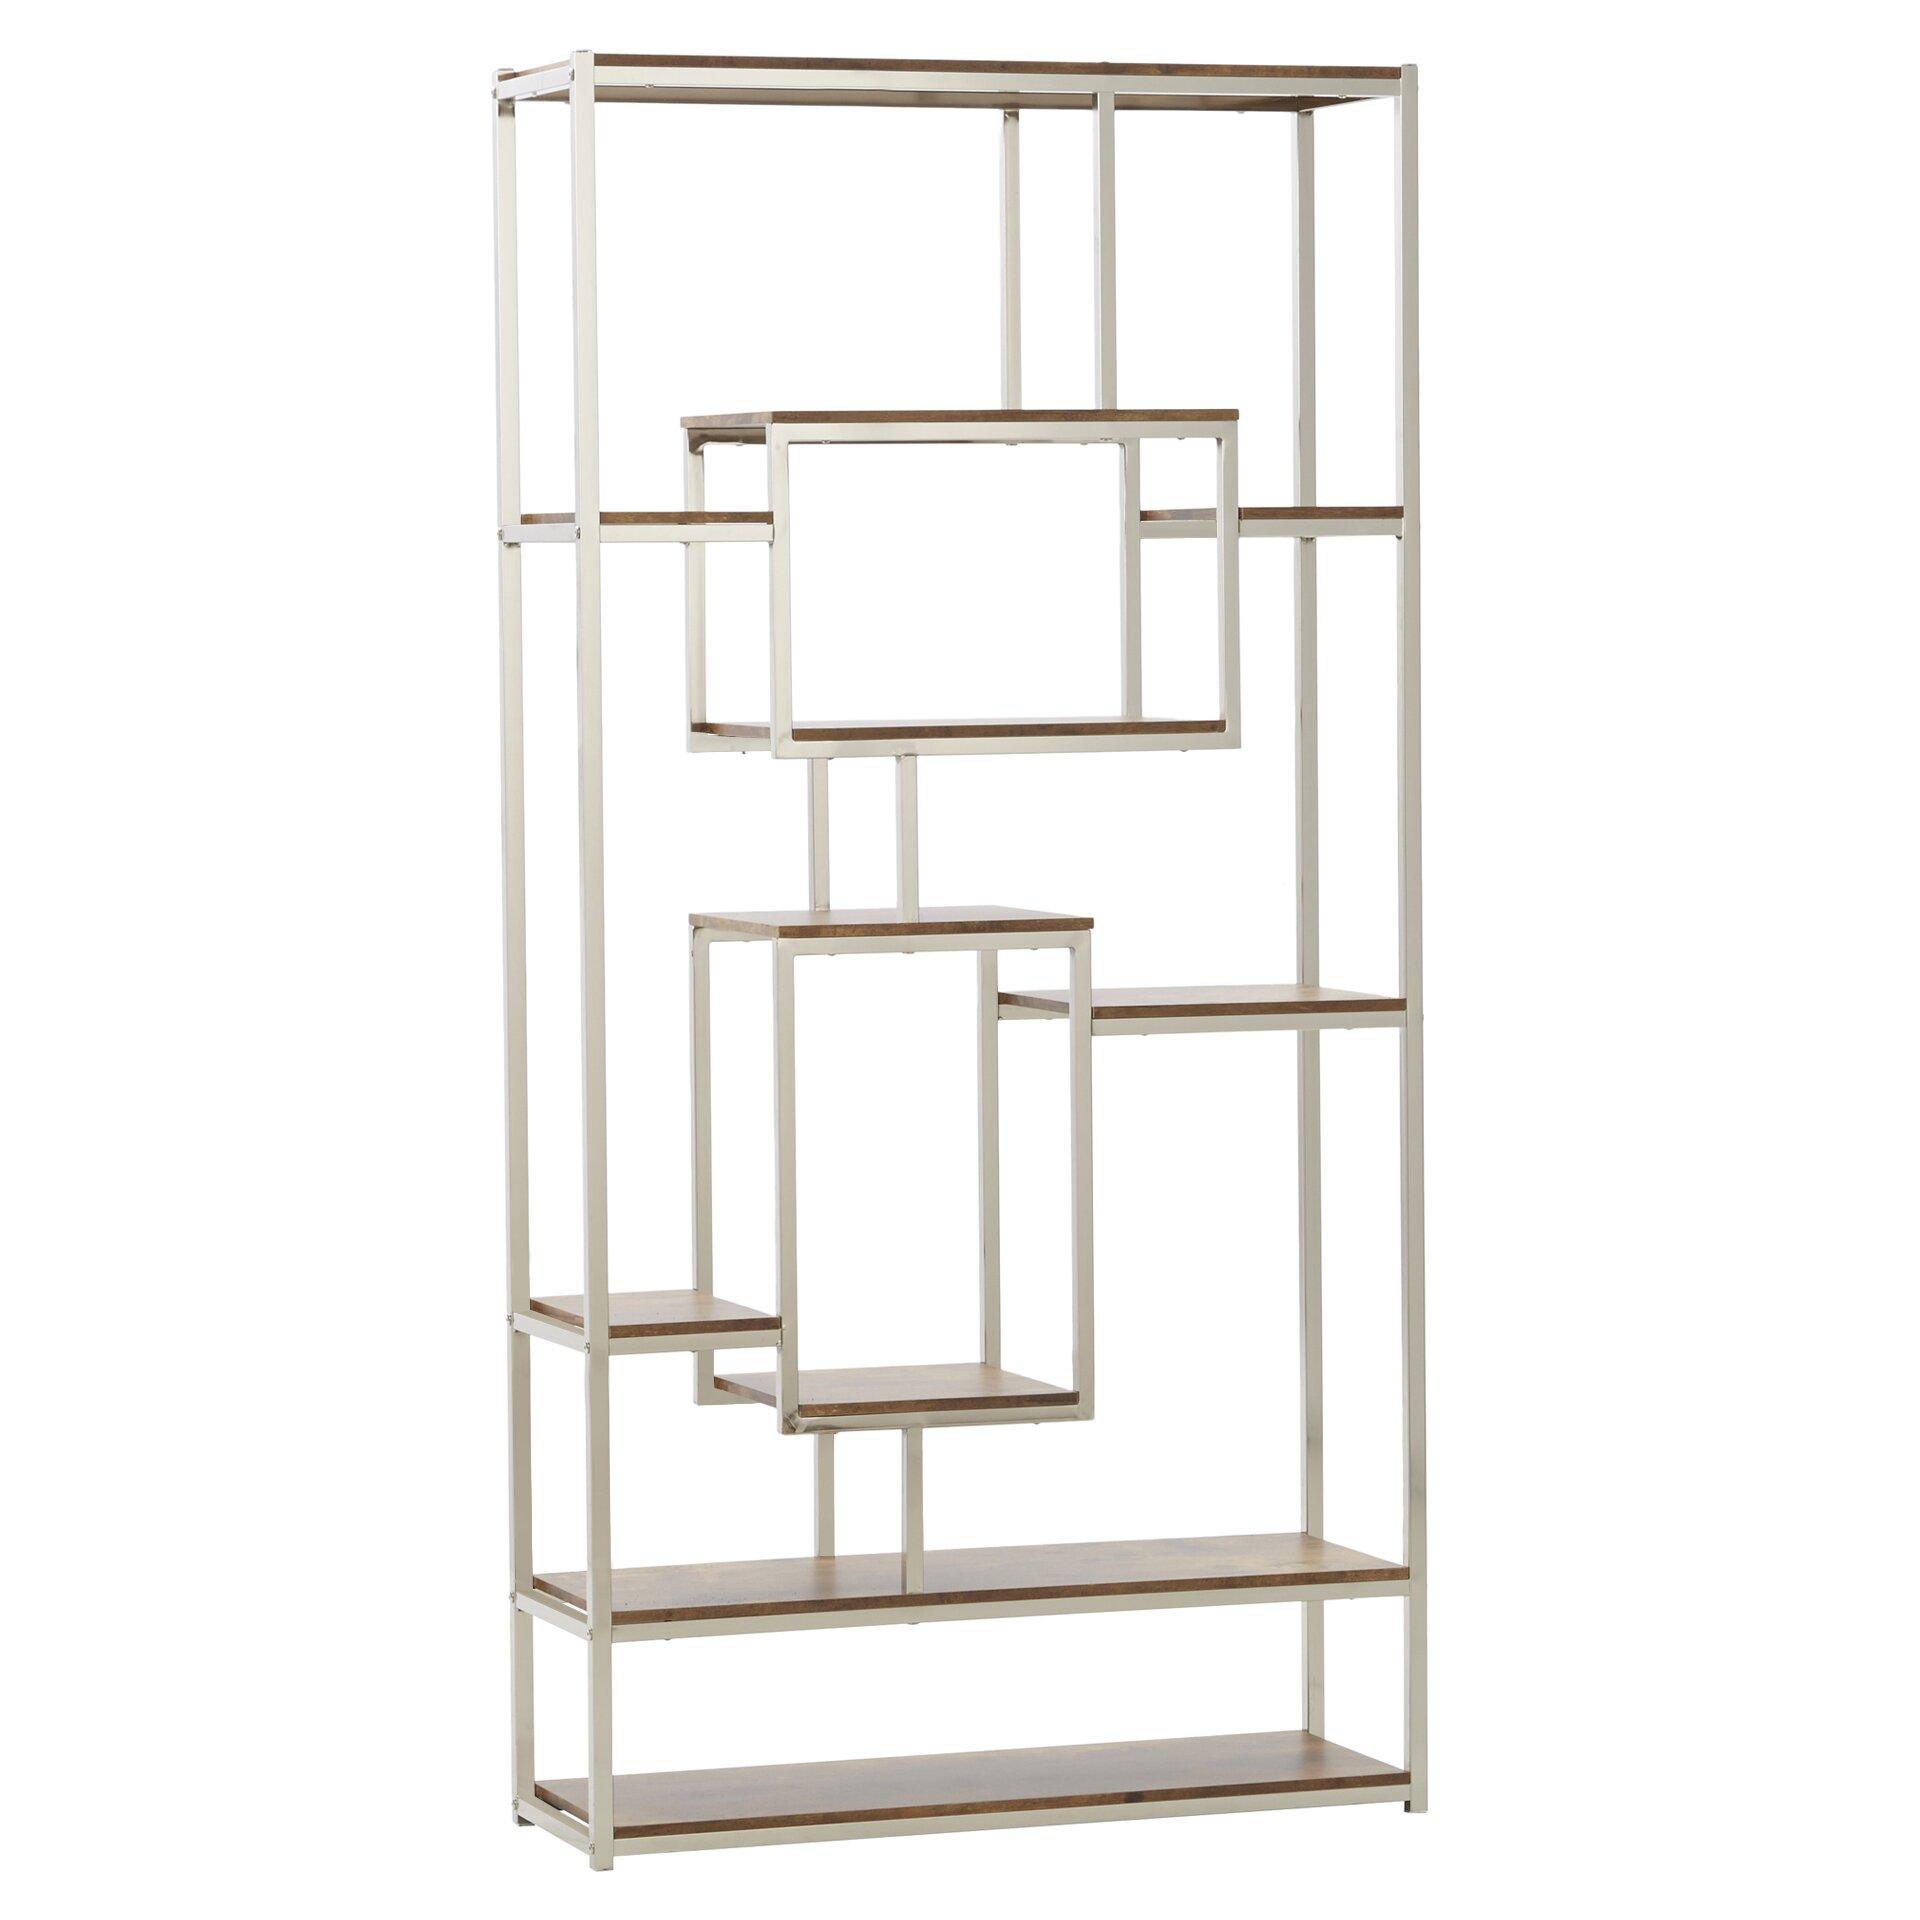 Mercury Row Alize 71u0026quot; Cube Unit Bookcase u0026 Reviews : Wayfair